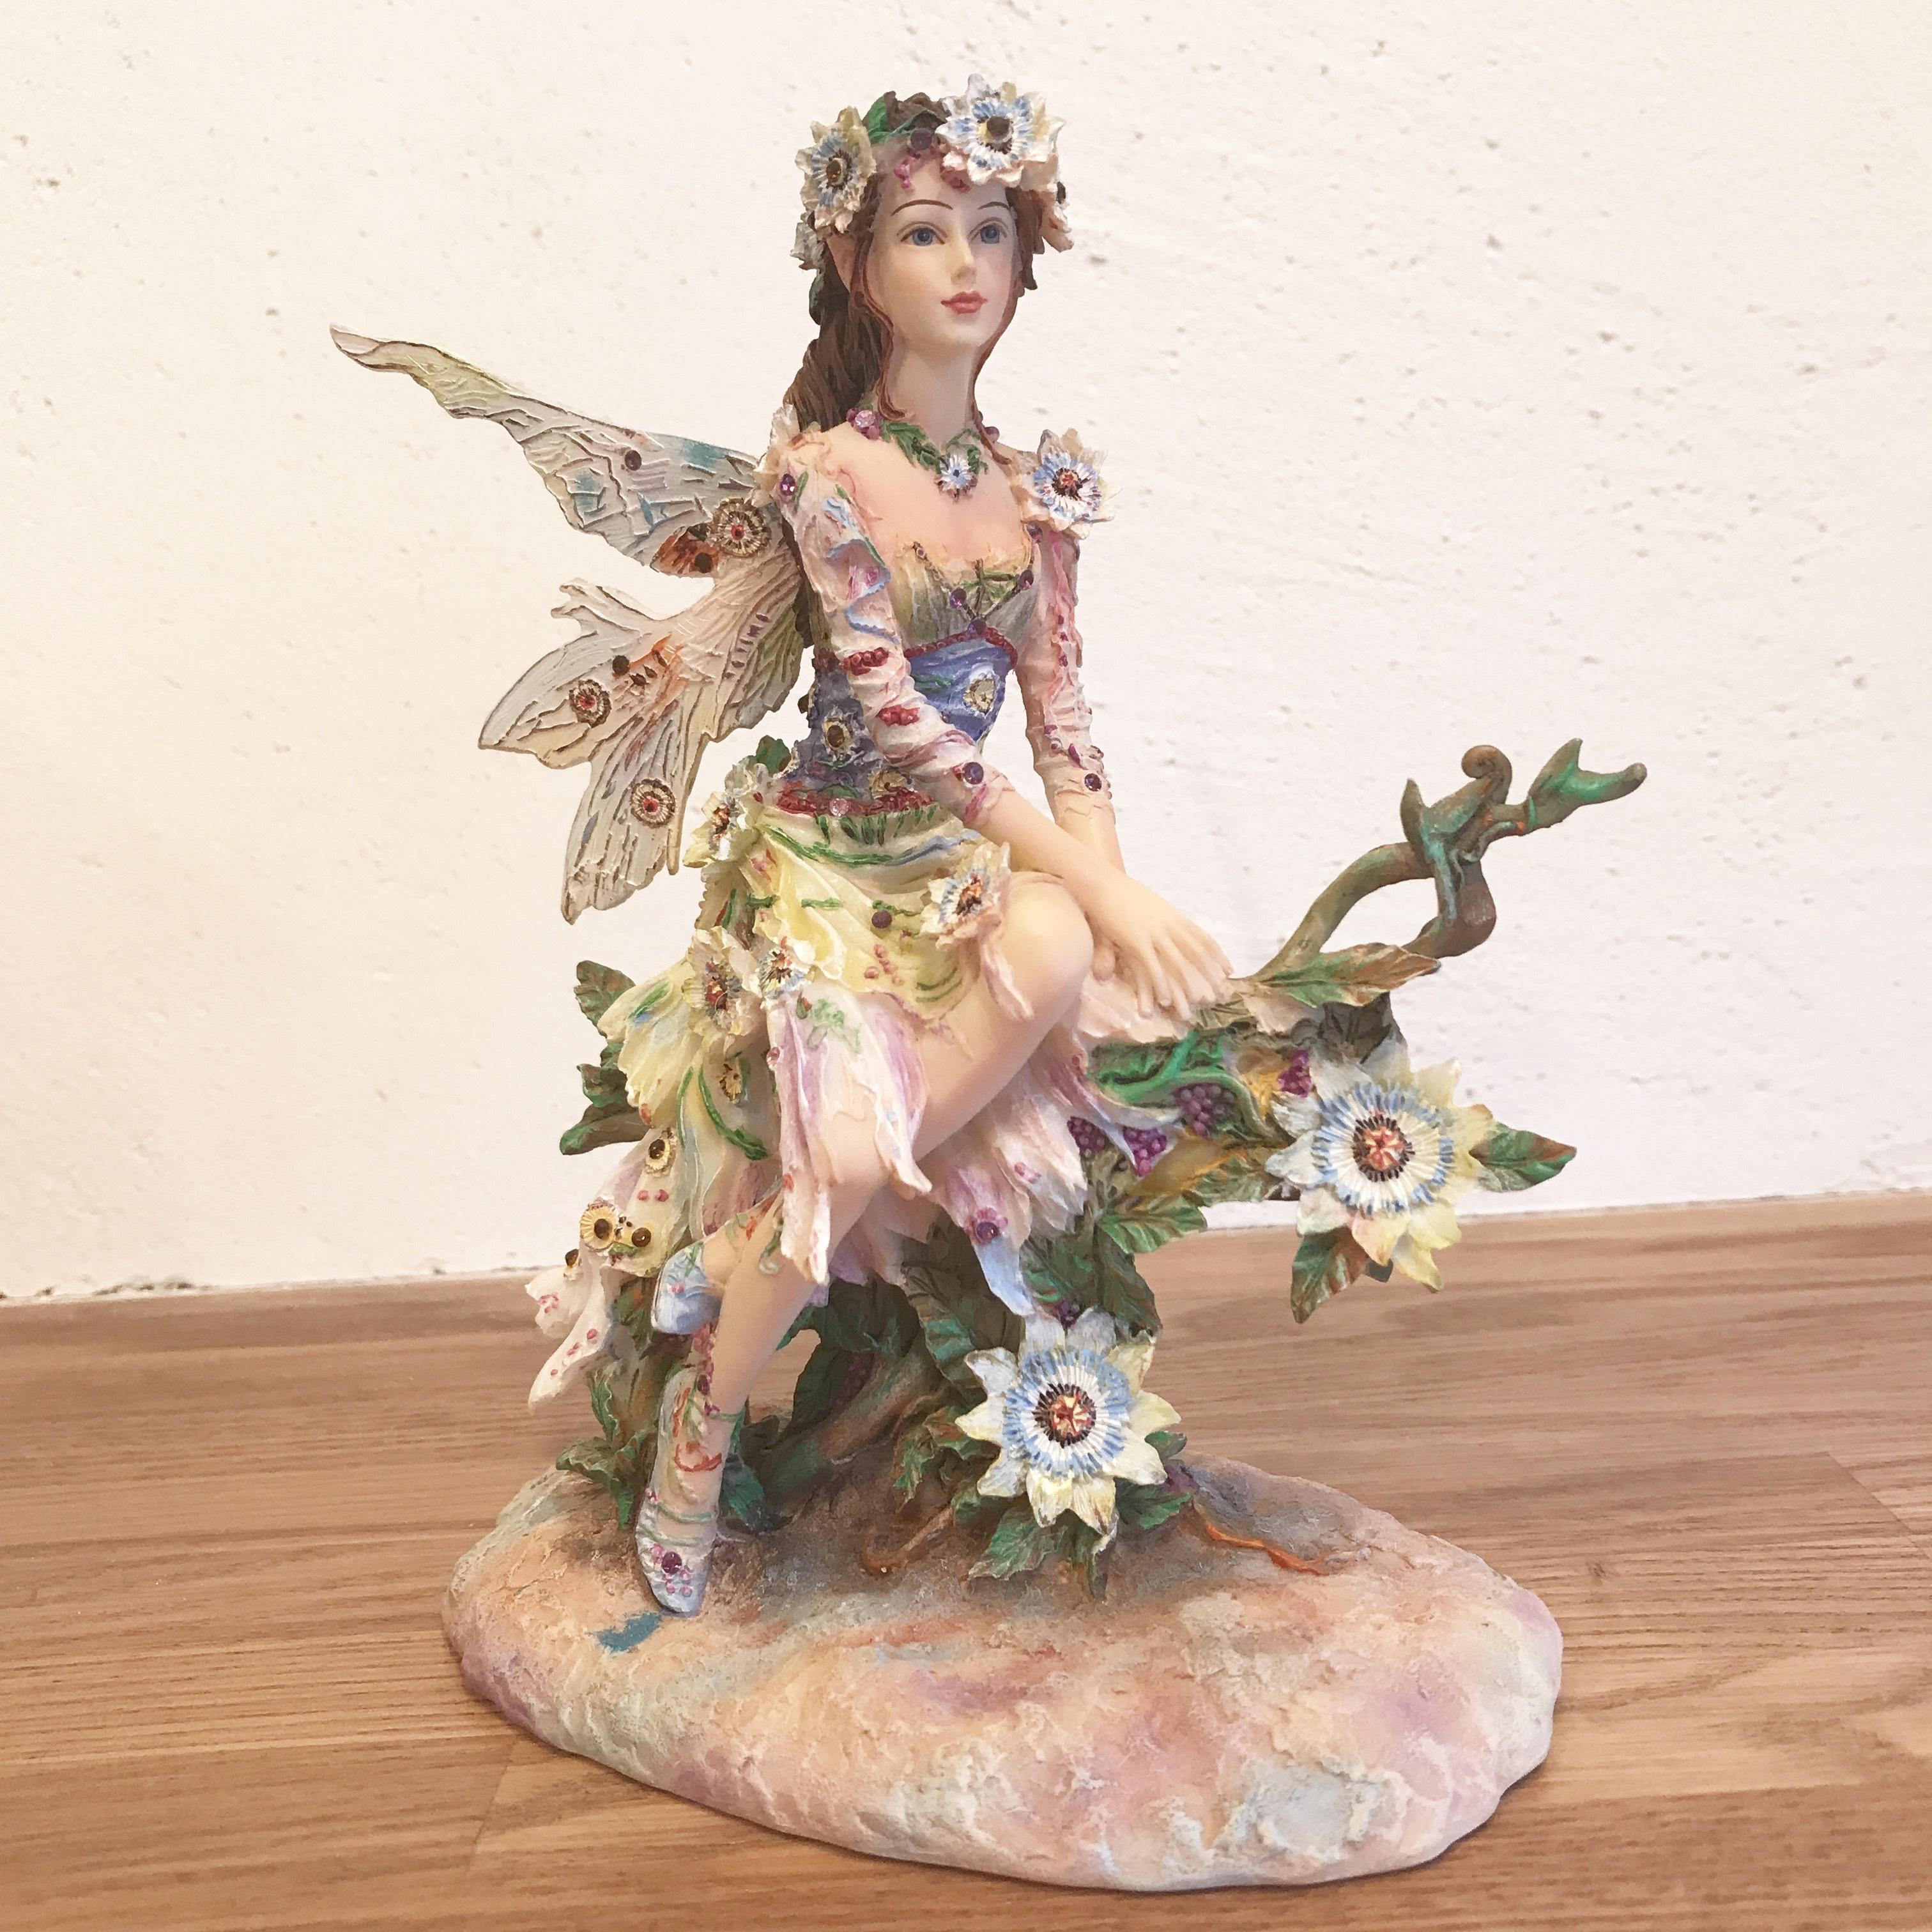 ザ・パッションフラワー・フェアリー The Passion Flower Faerie